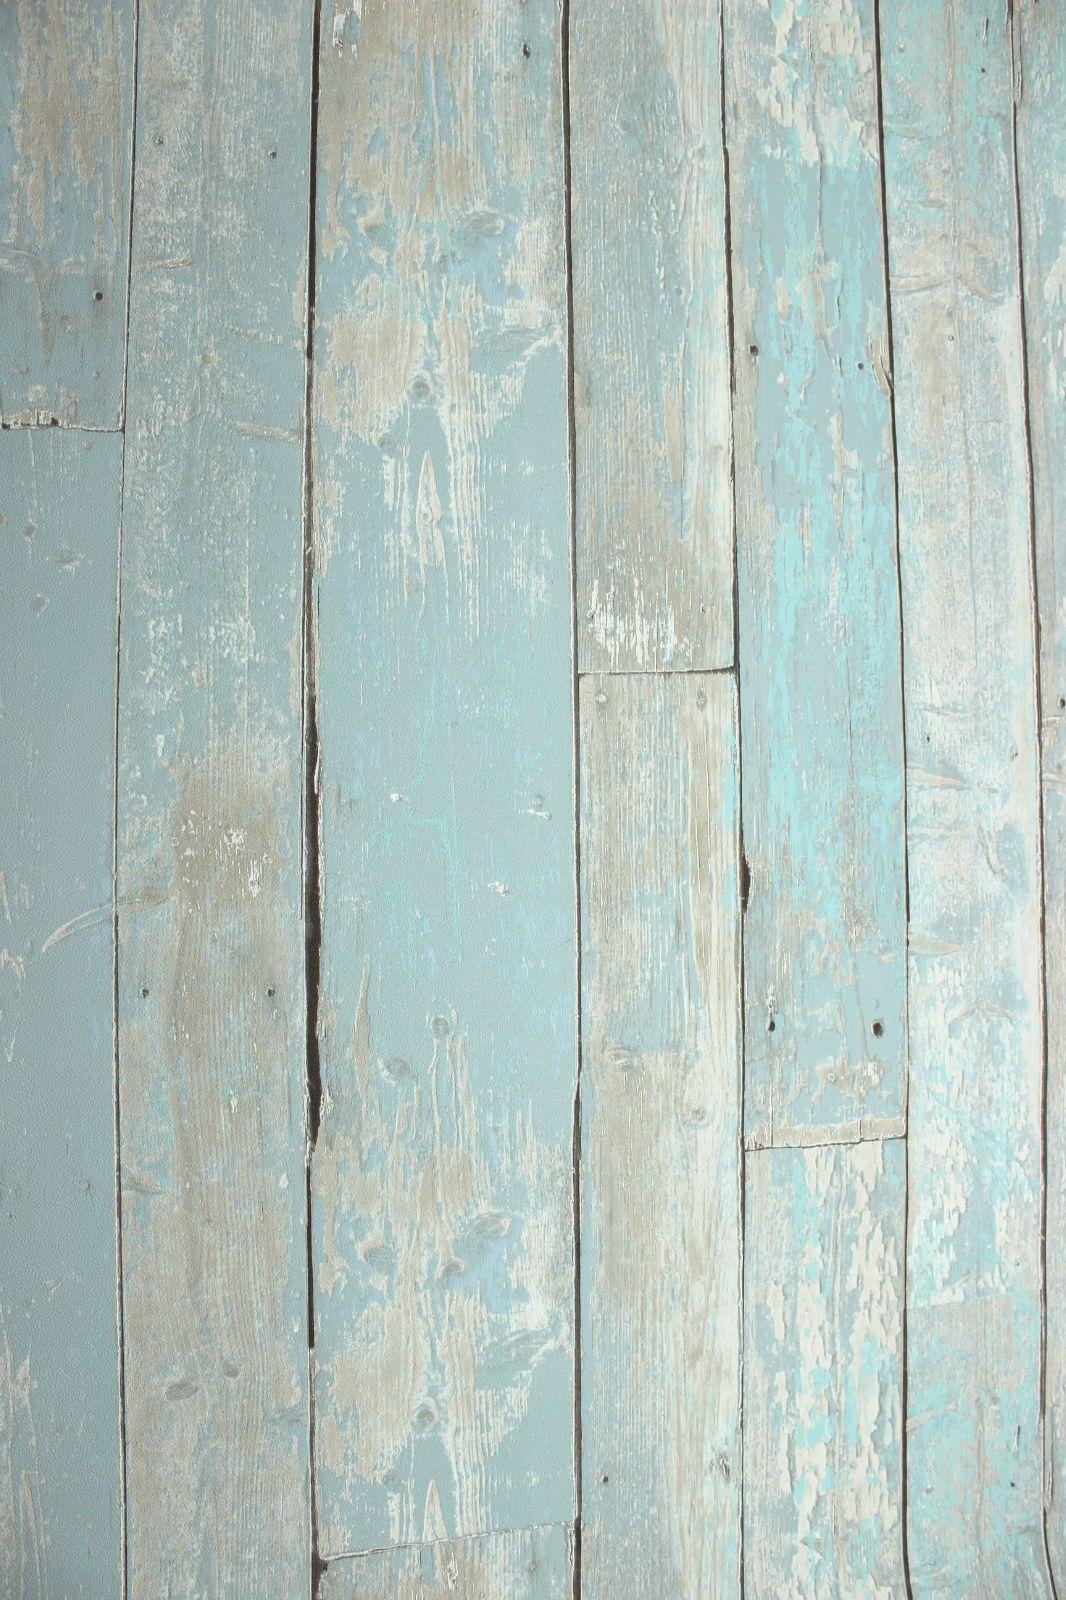 Vlies tapete antik holz rustikal blau t rkis beige bretter verwittert shabby - Tapete rustikal ...